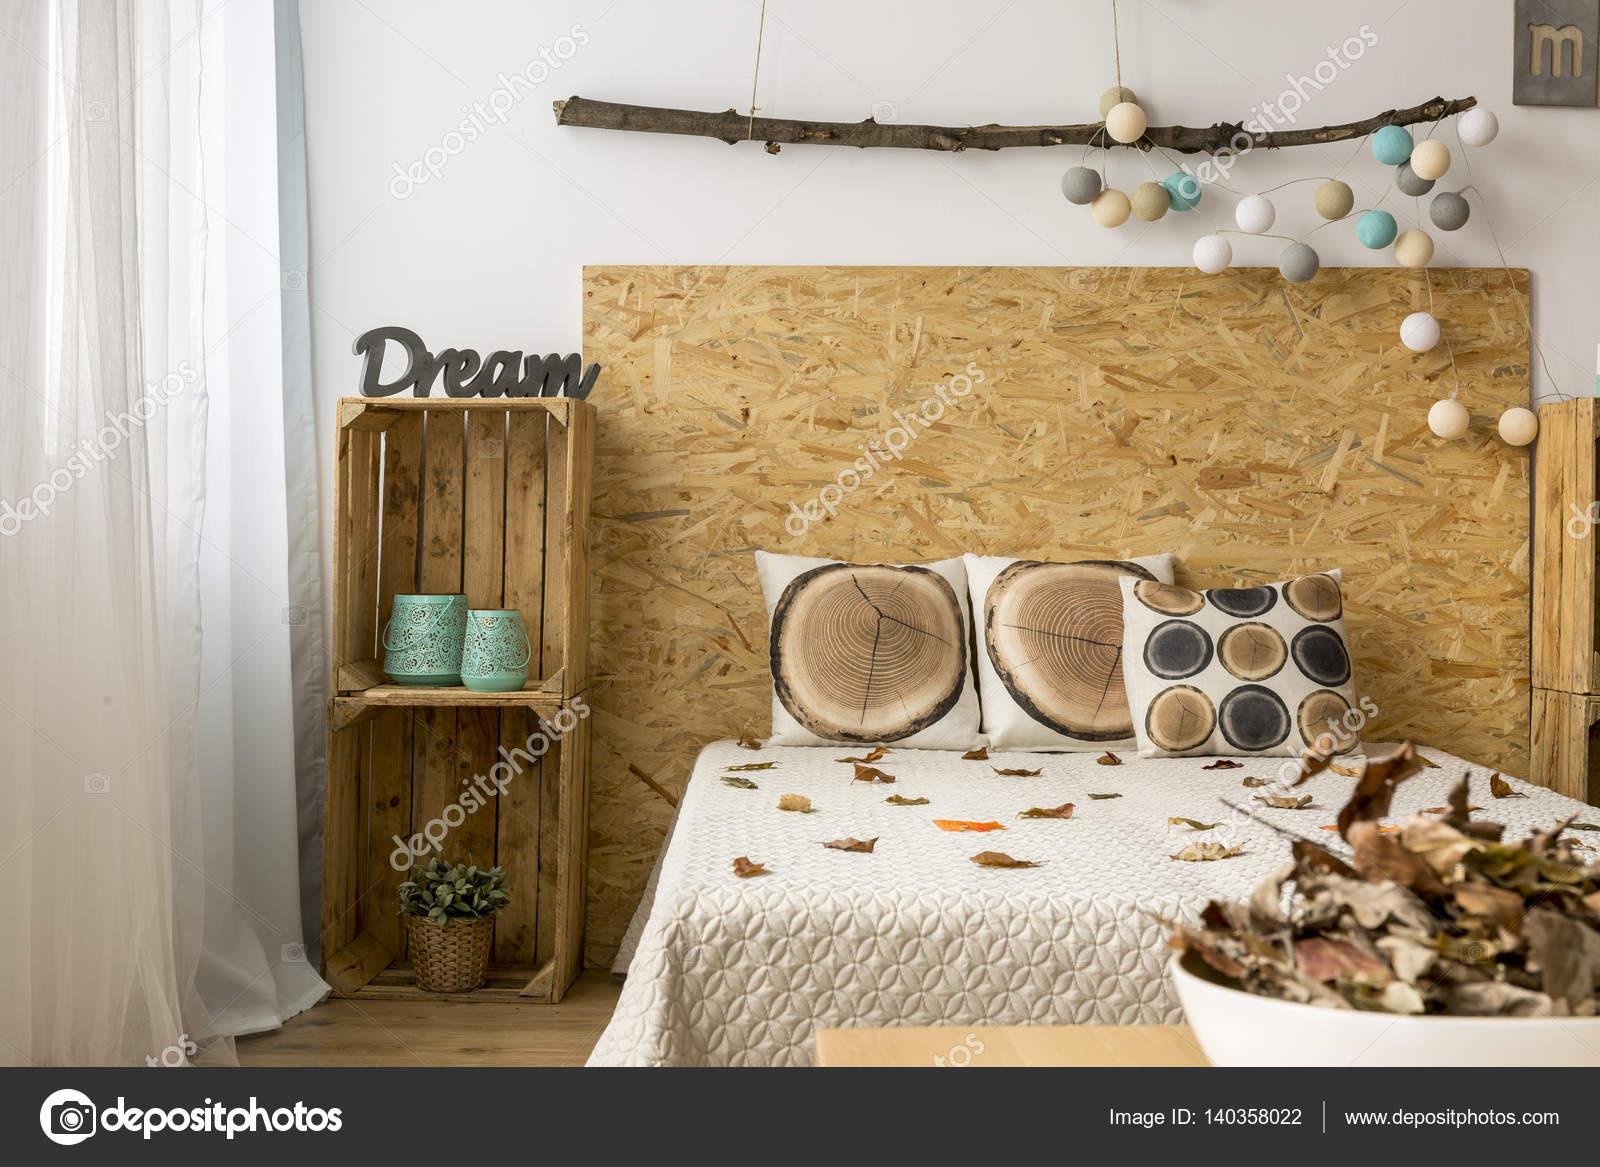 Gemutliches Schlafzimmer Mit Diy Mobel Stockfoto C Photographee Eu